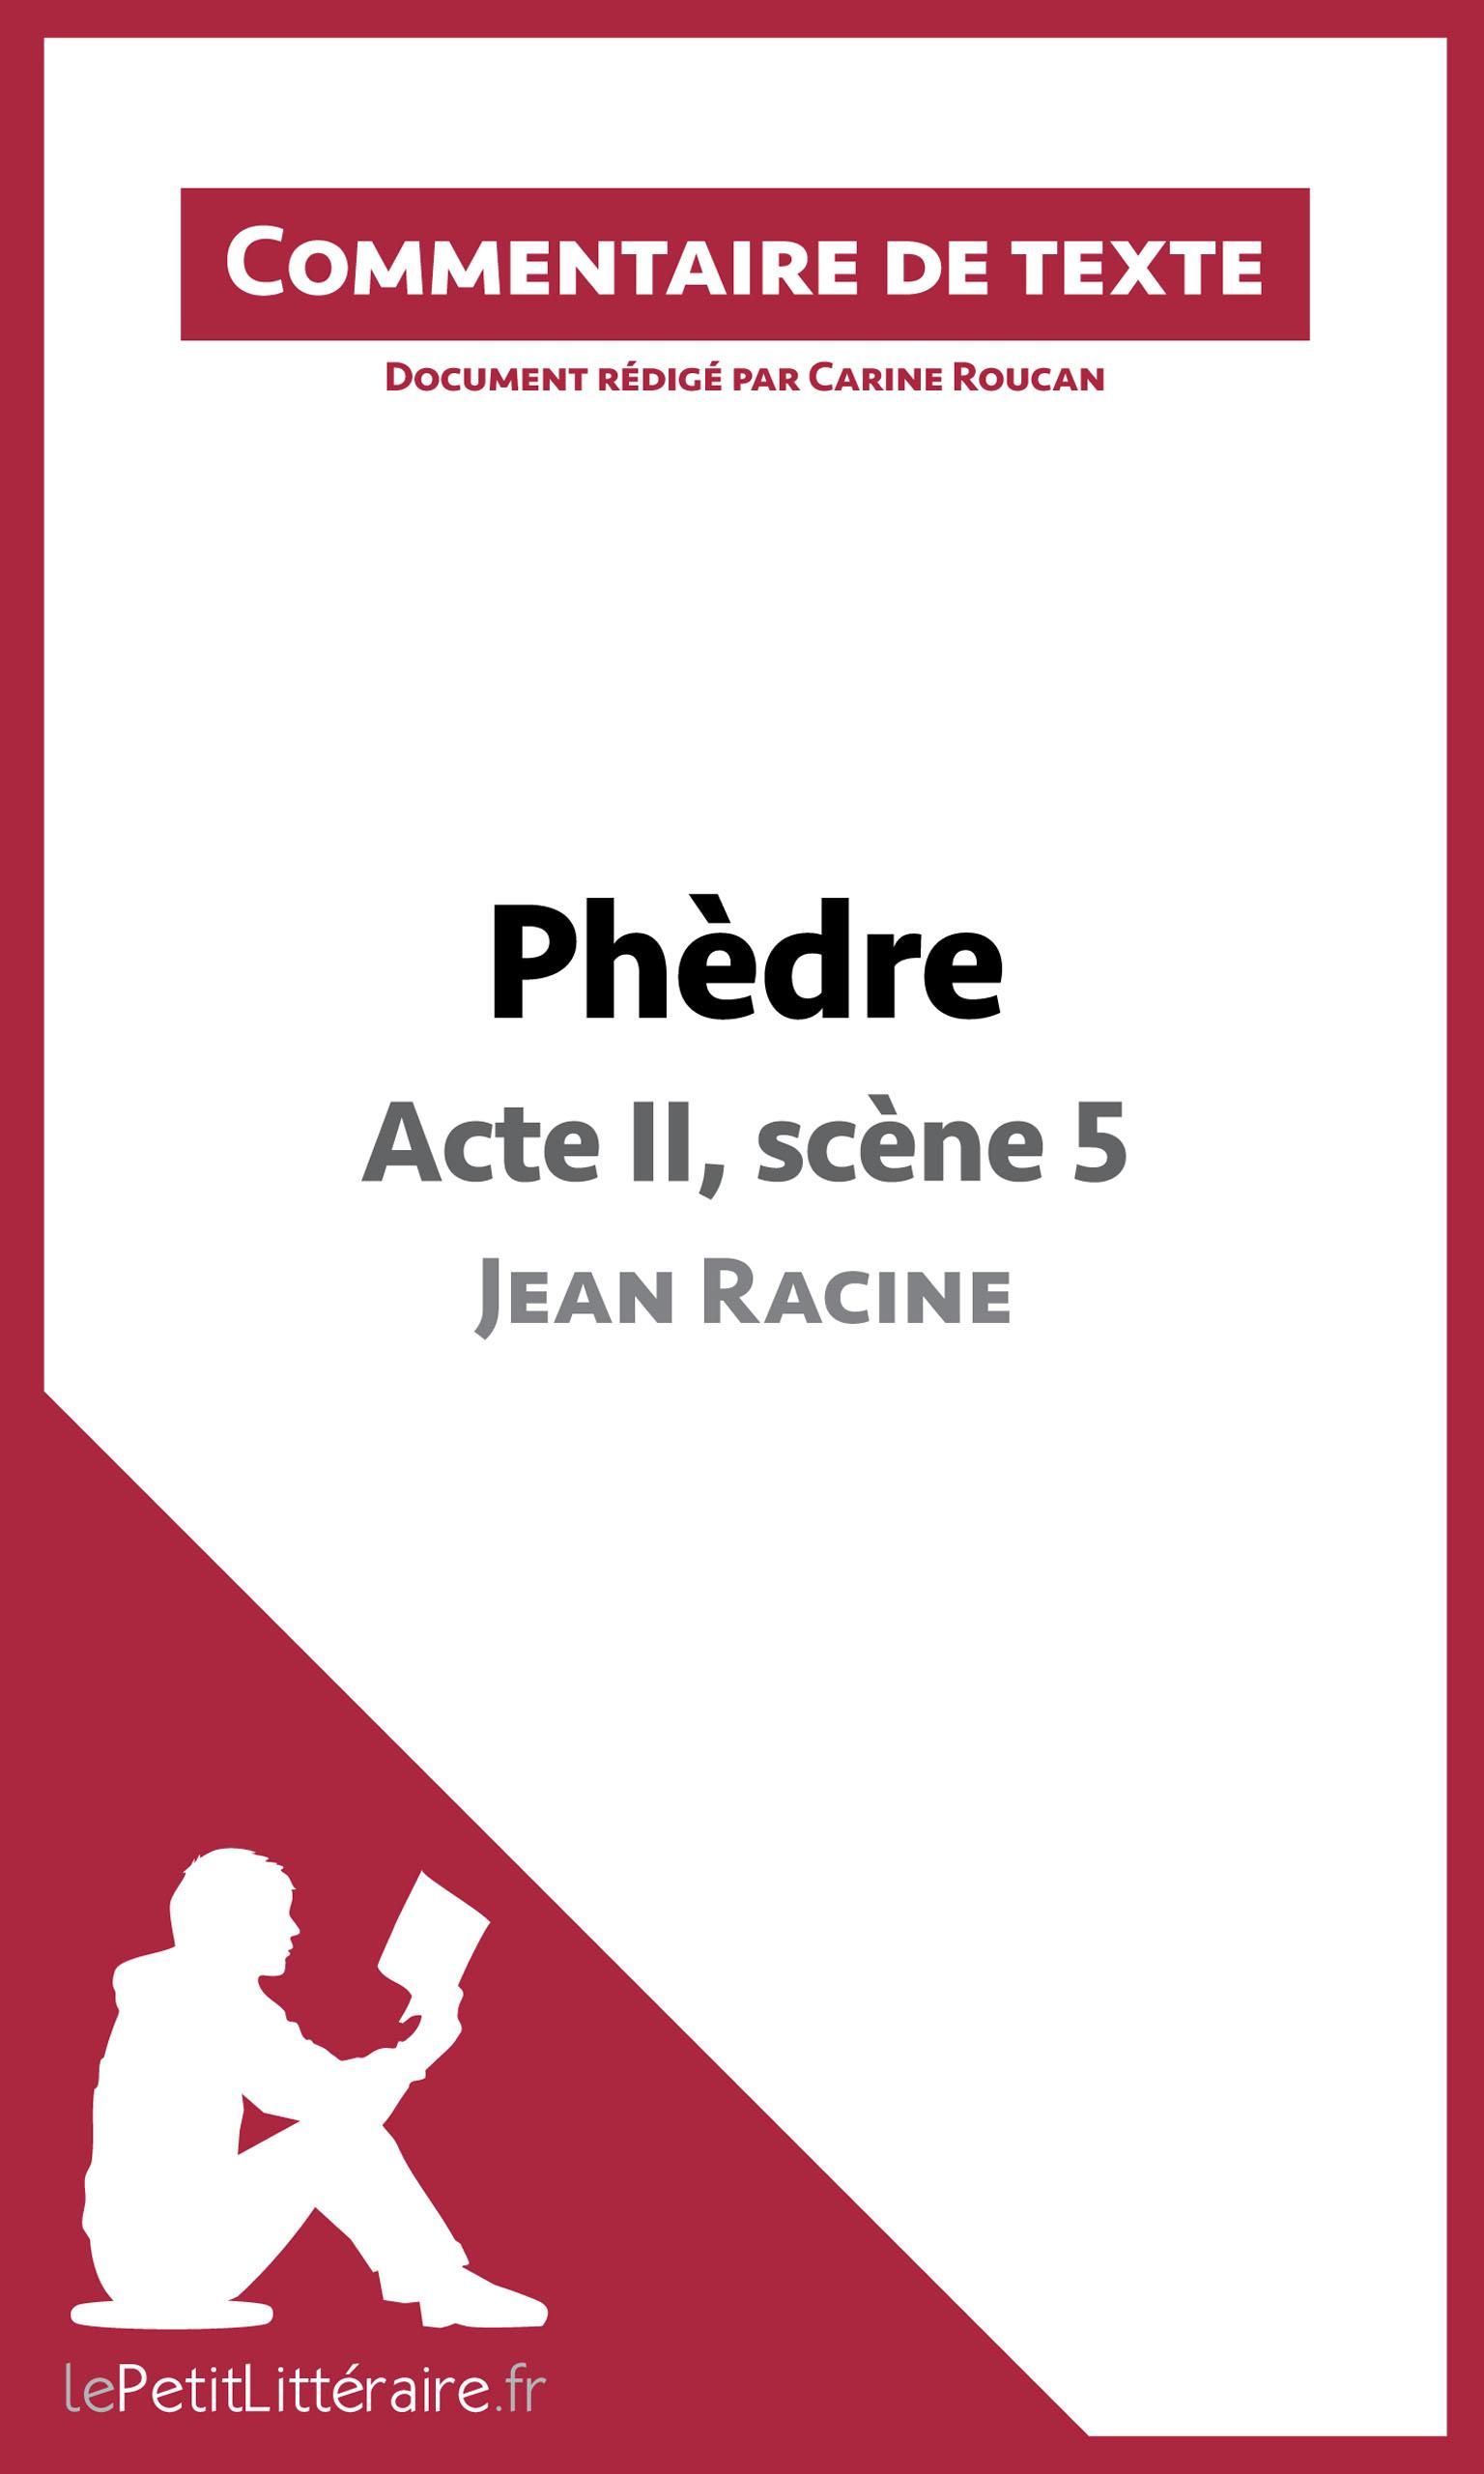 La scène 5 de l'acte II